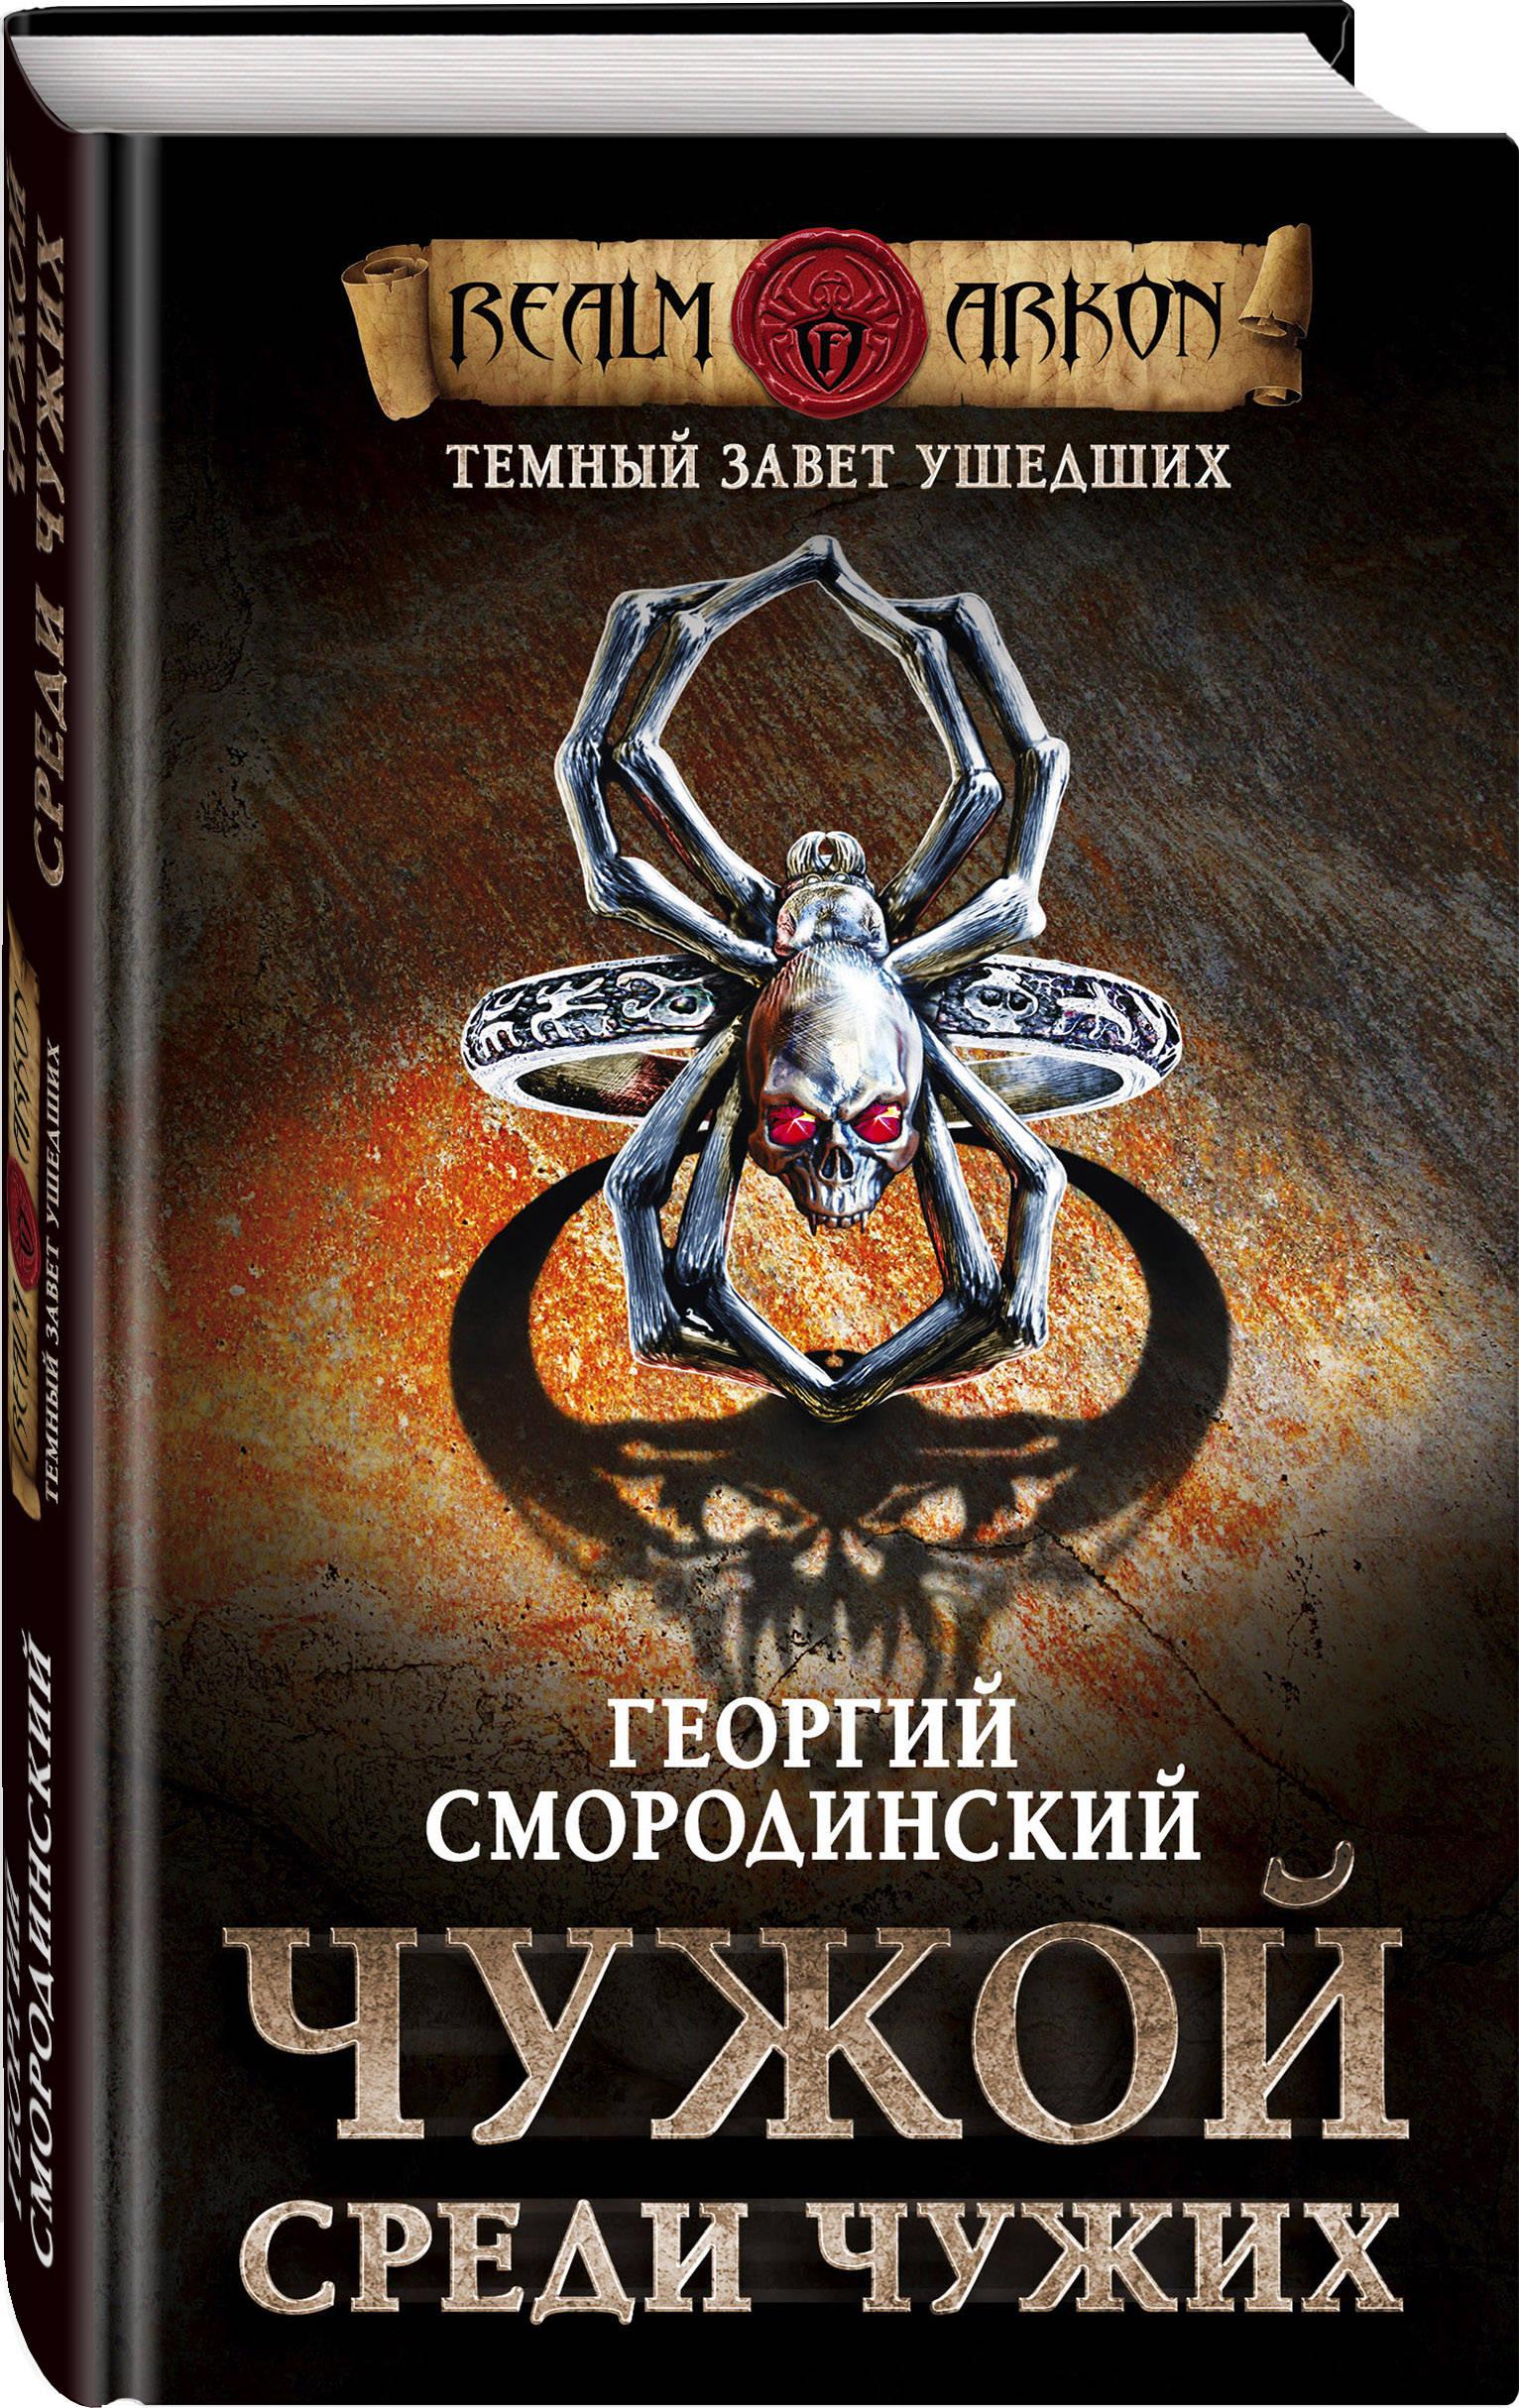 Георгий Смородинский Темный завет ушедших. Книга первая. Чужой среди чужих